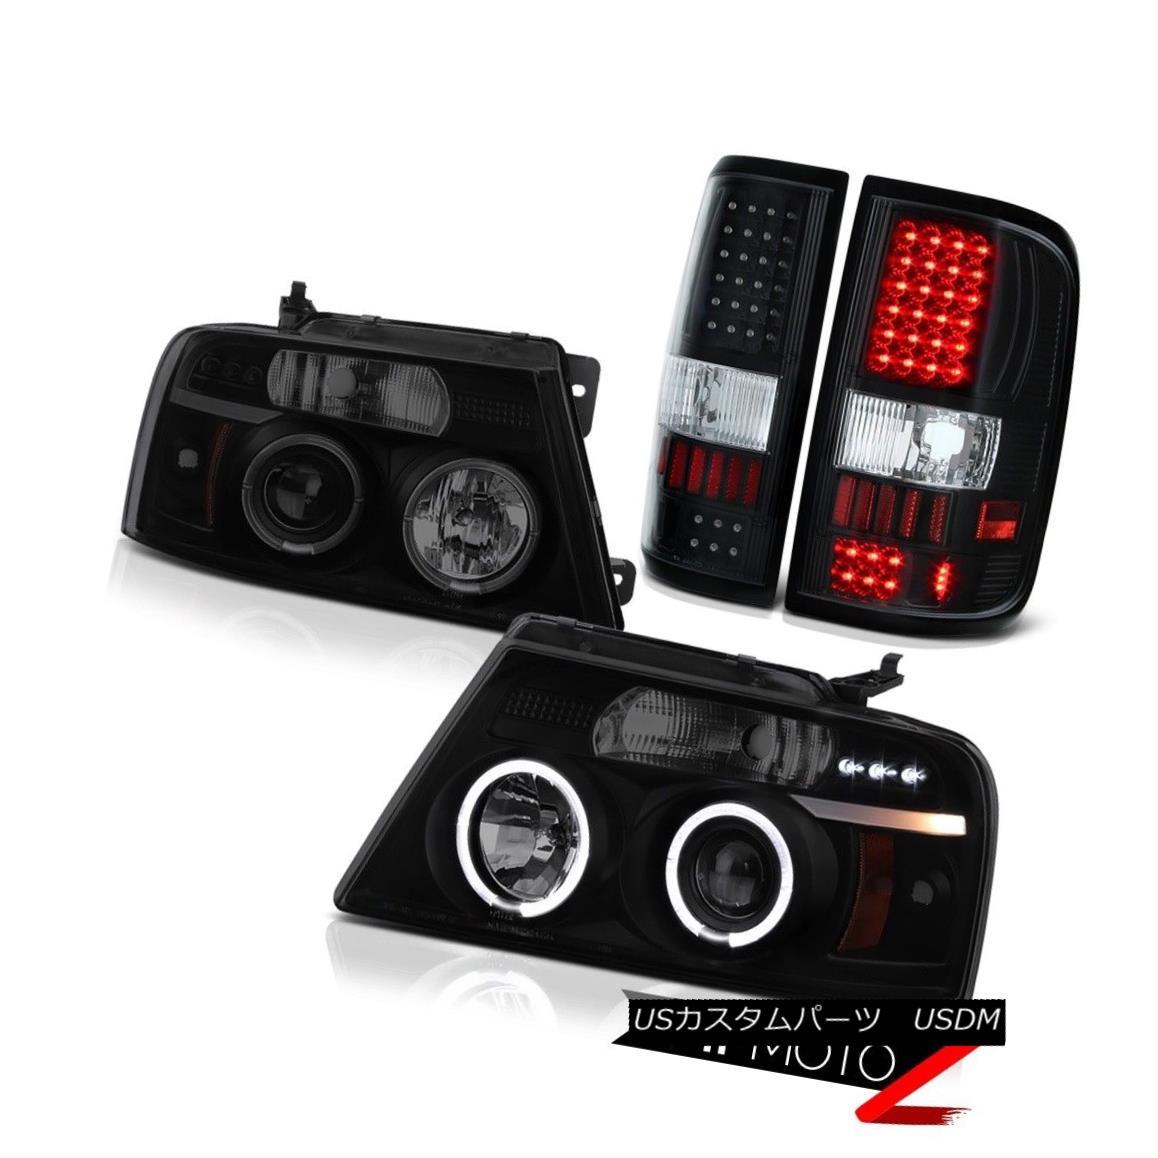 ヘッドライト Headlights Halo Bulbs Tail Lights 2004-2008 Ford F150 Lobo Black LED Tail Lights ヘッドライトHalo電球テールライト2004-2008 Ford F150ロボブラックLEDテールライト